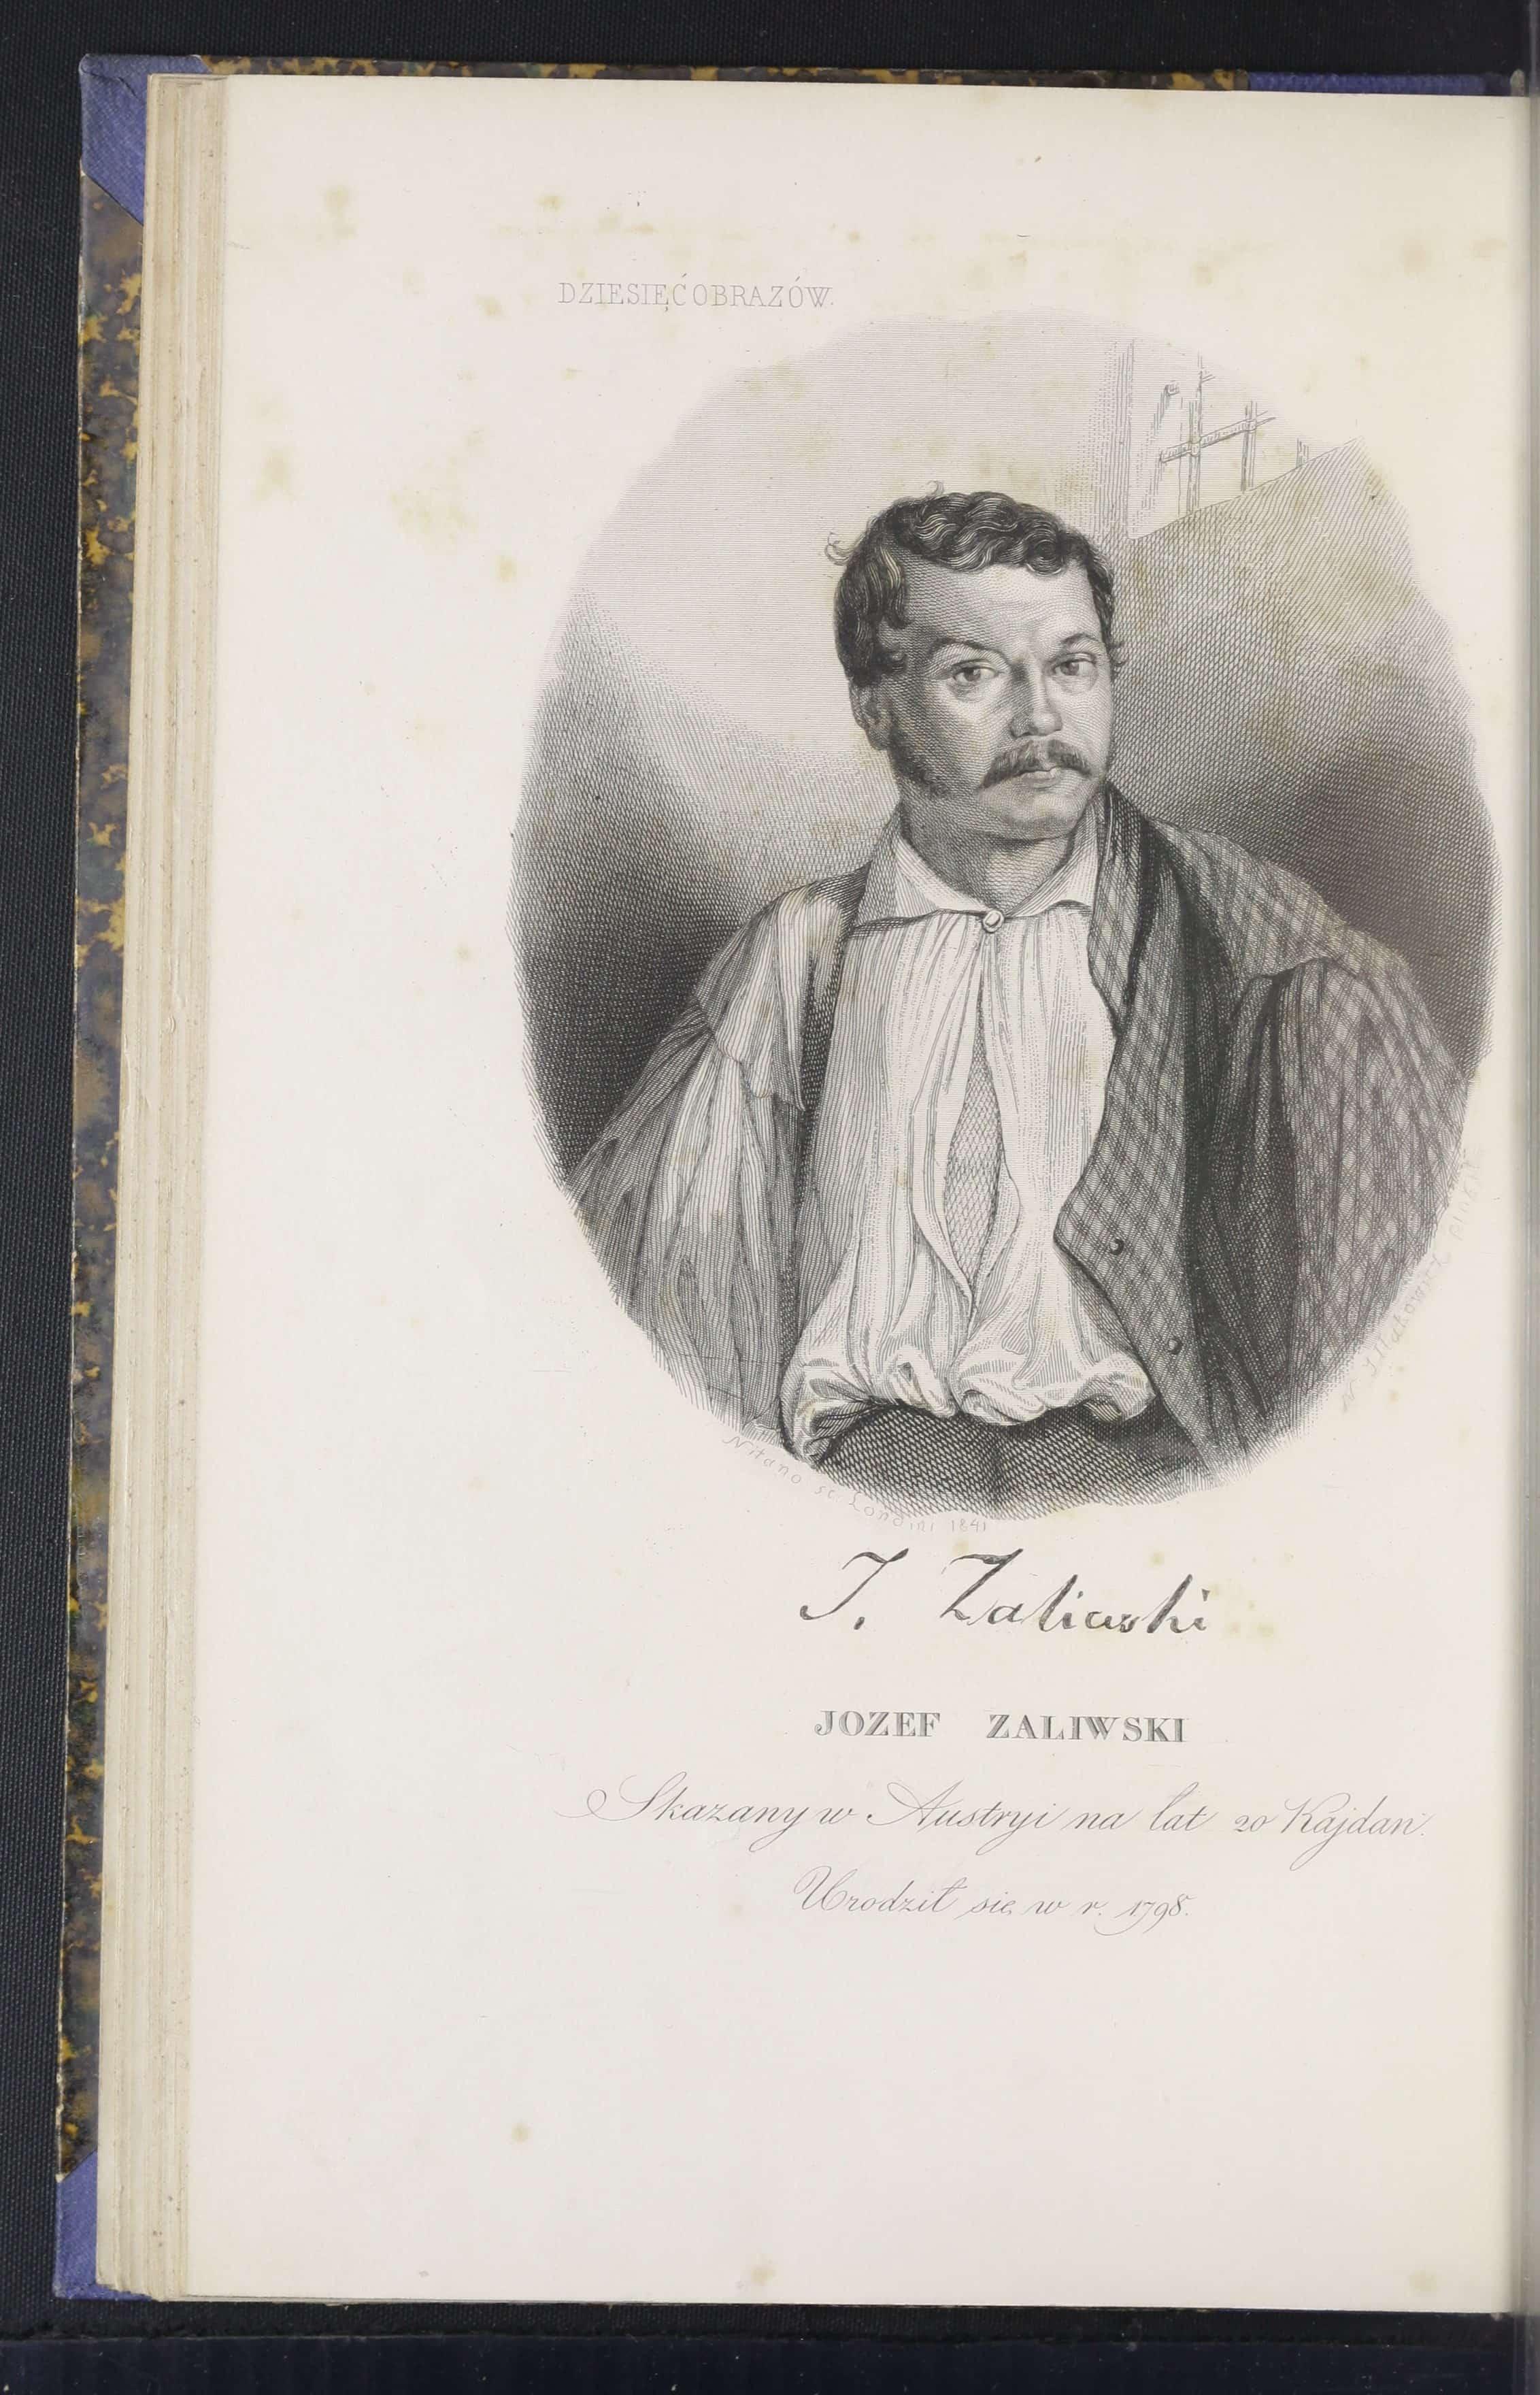 Józef Zaliwski. Grafika z poematu Dziesięć obrazów. Paryż 1841. Źródło: Polona